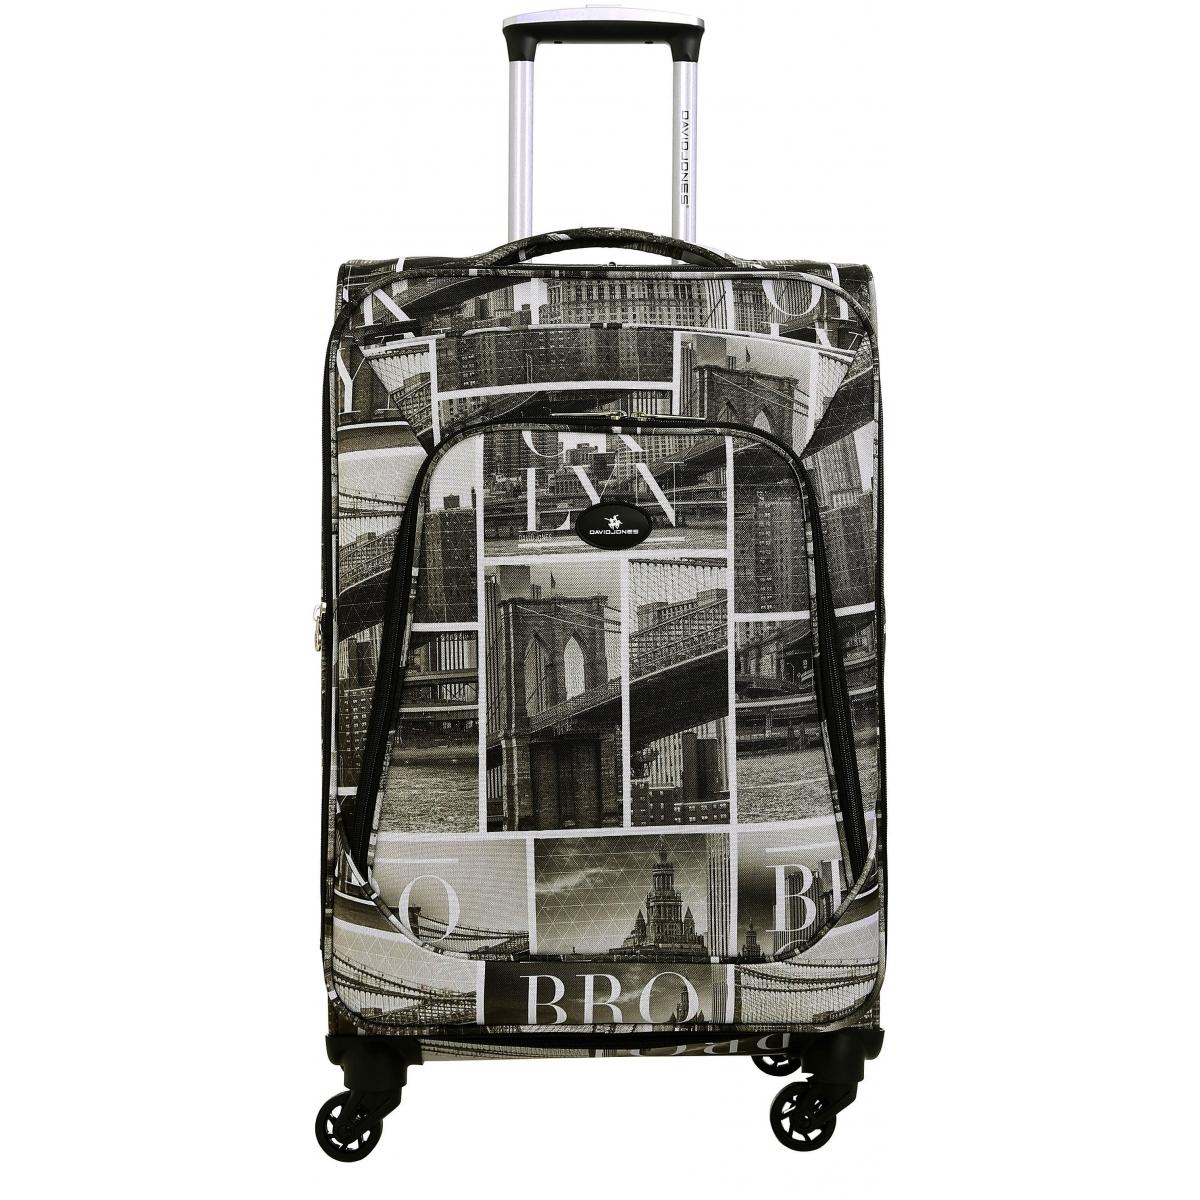 Principale brooklyn valise pas cher promotion - Accessoires patisserie pas cher ...